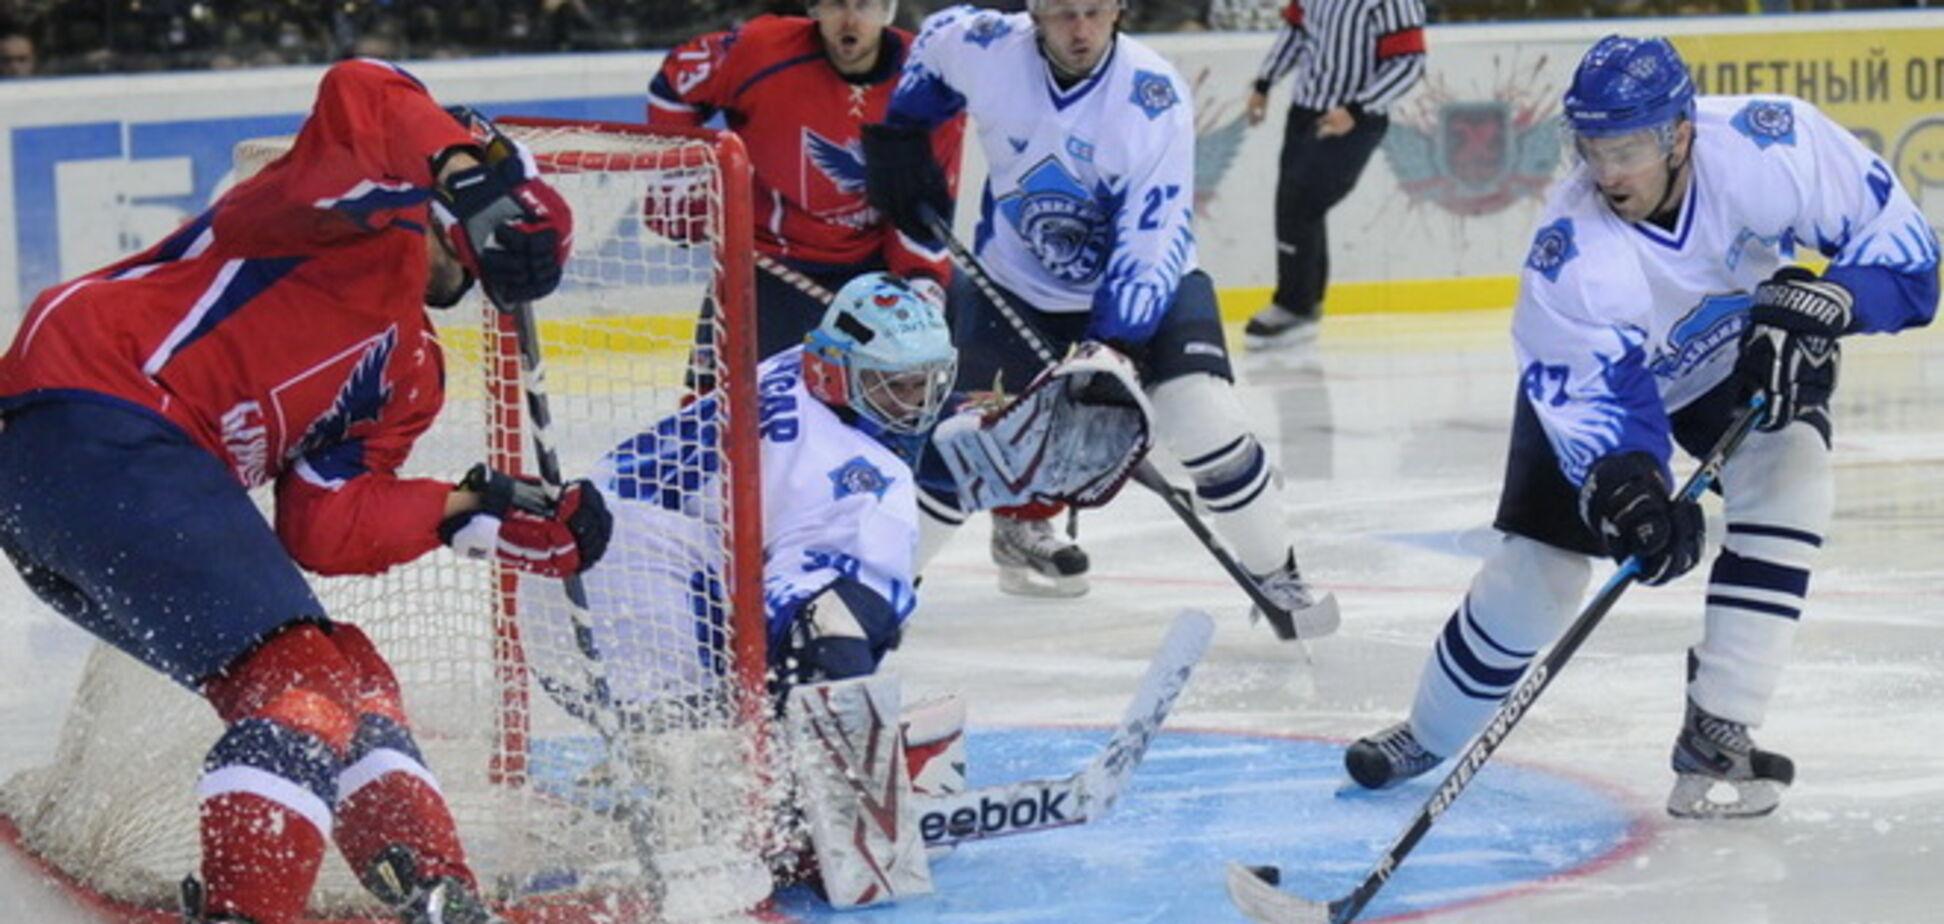 В Украине не хватает команд для розыгрыша чемпионата по хоккею